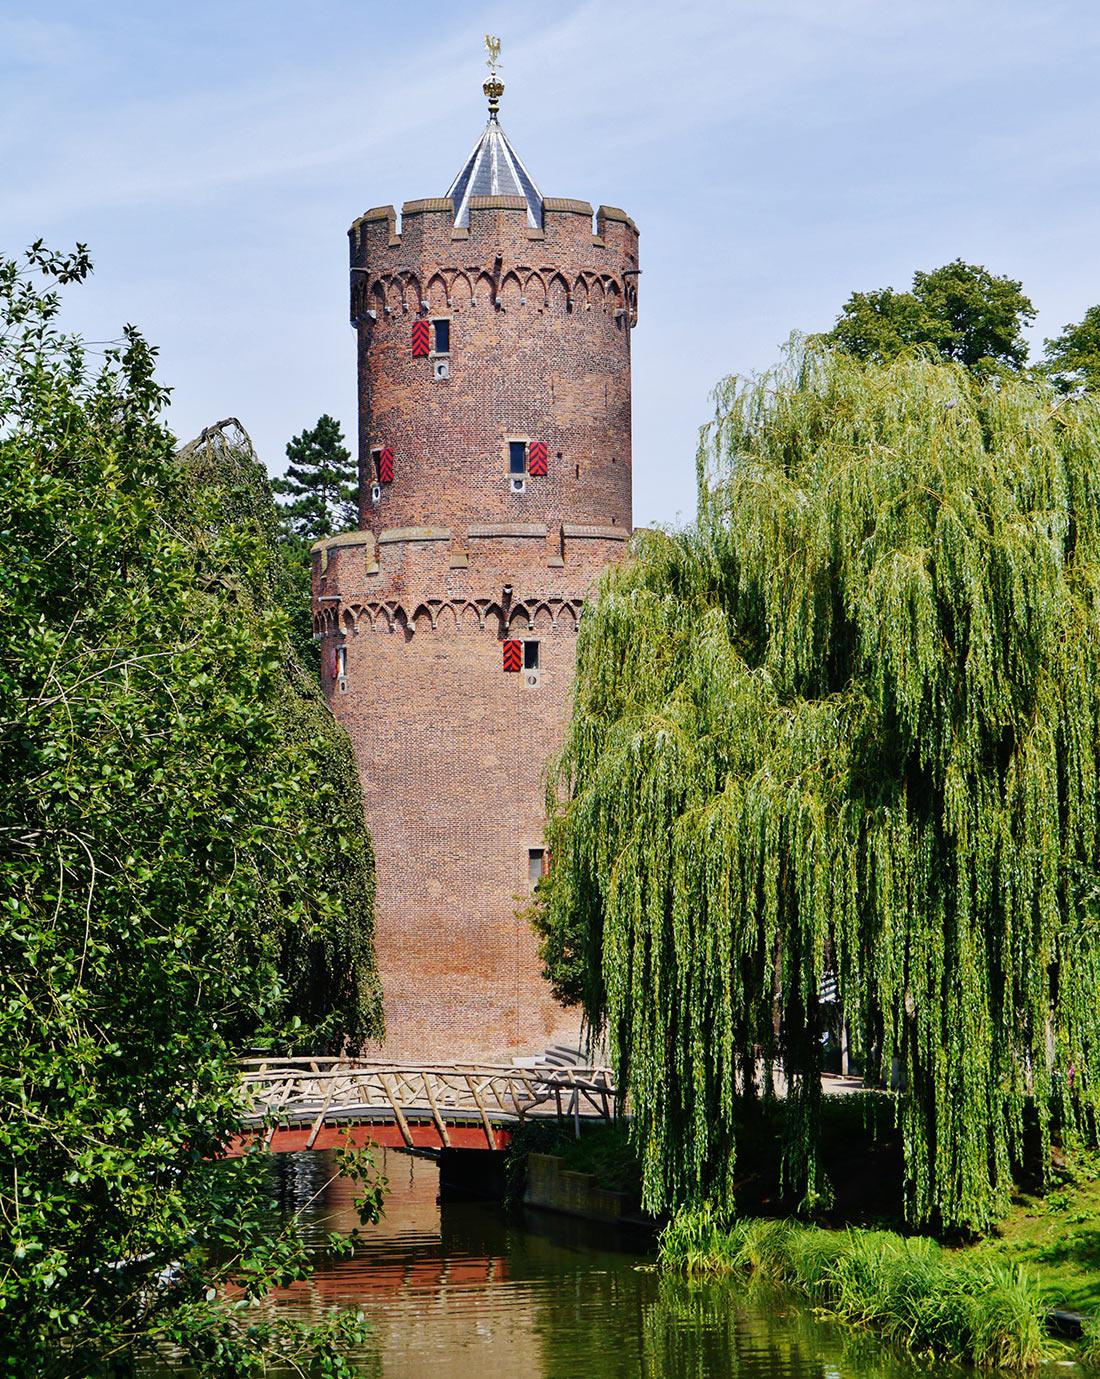 Неймеген (Nijmegen)